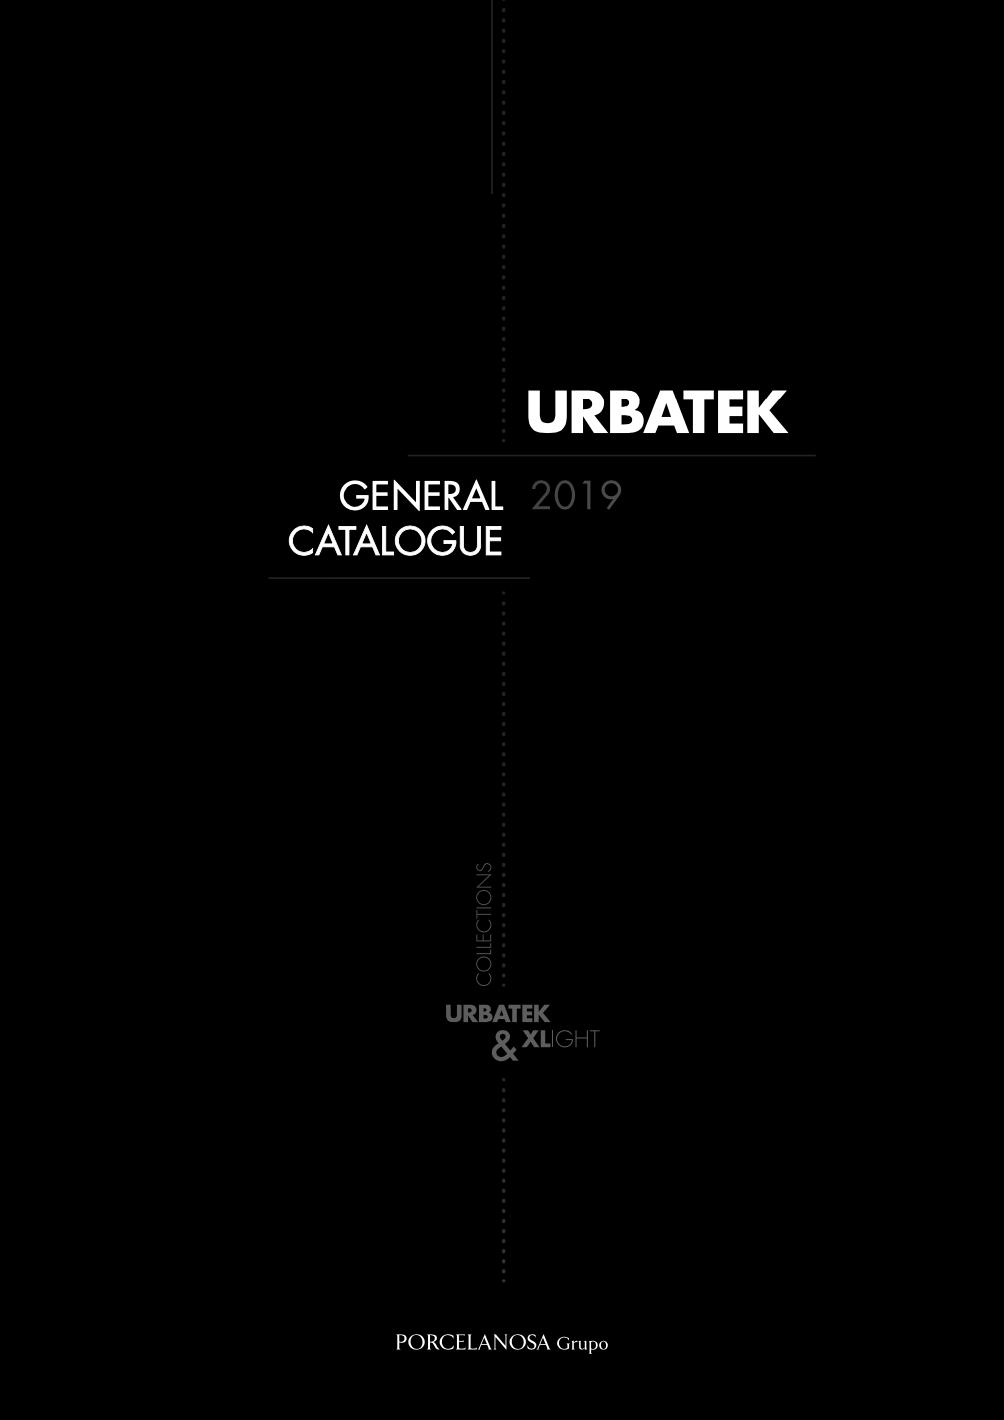 Генеральный каталог URBATEK 2019